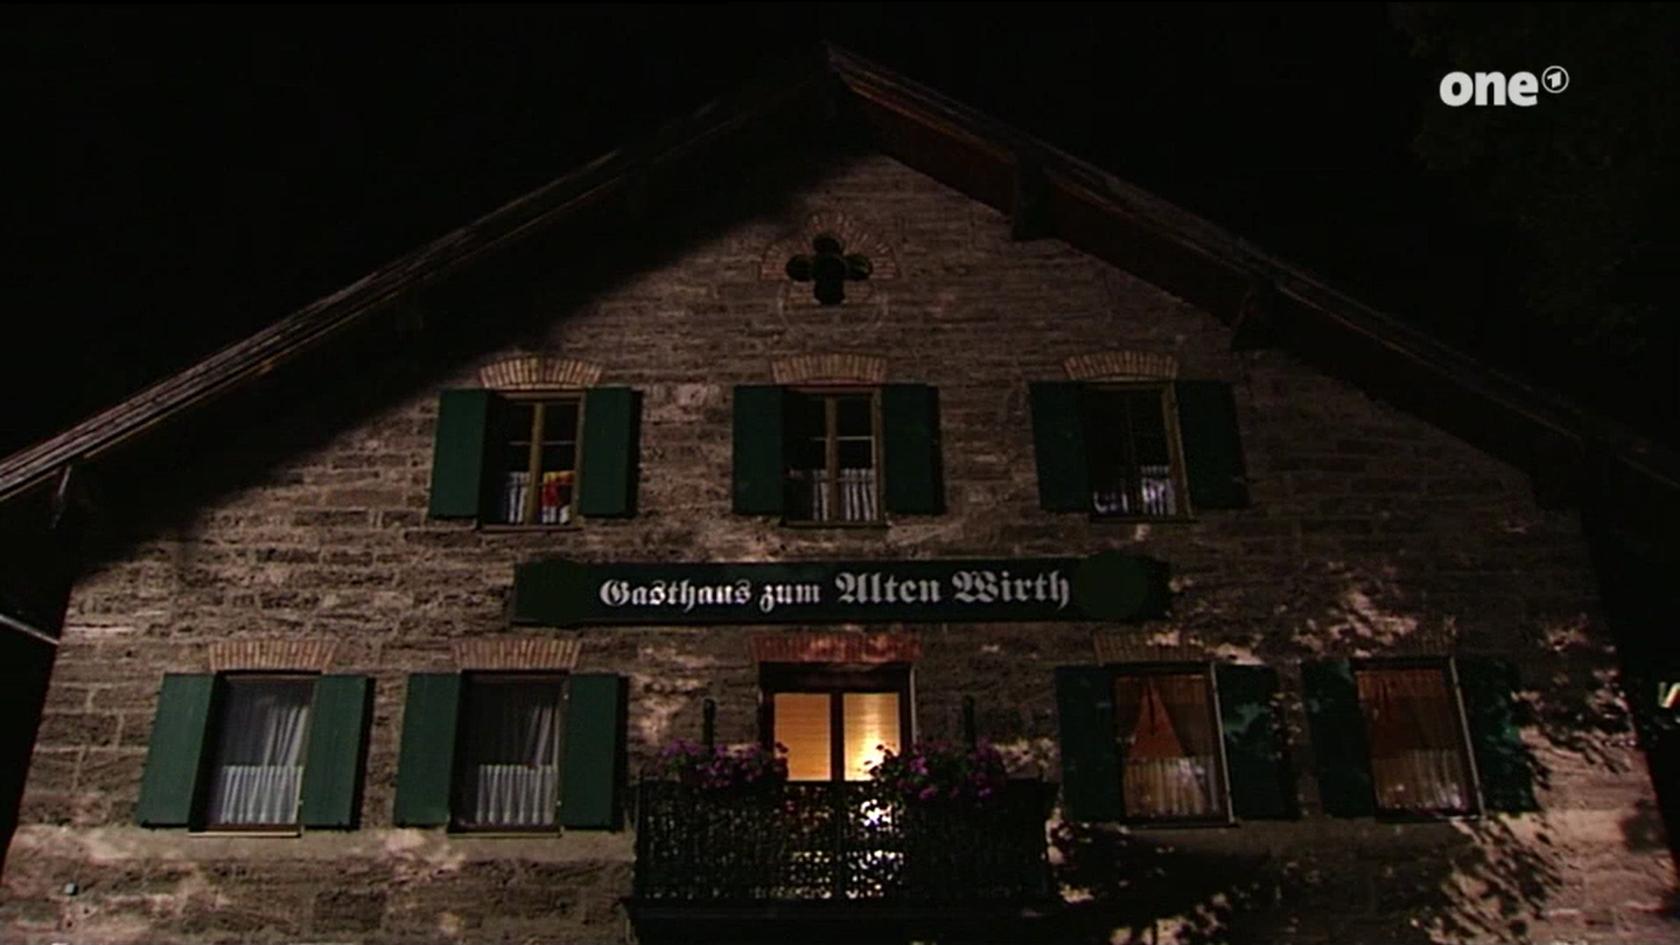 Gasthaus zum Alten Wirth